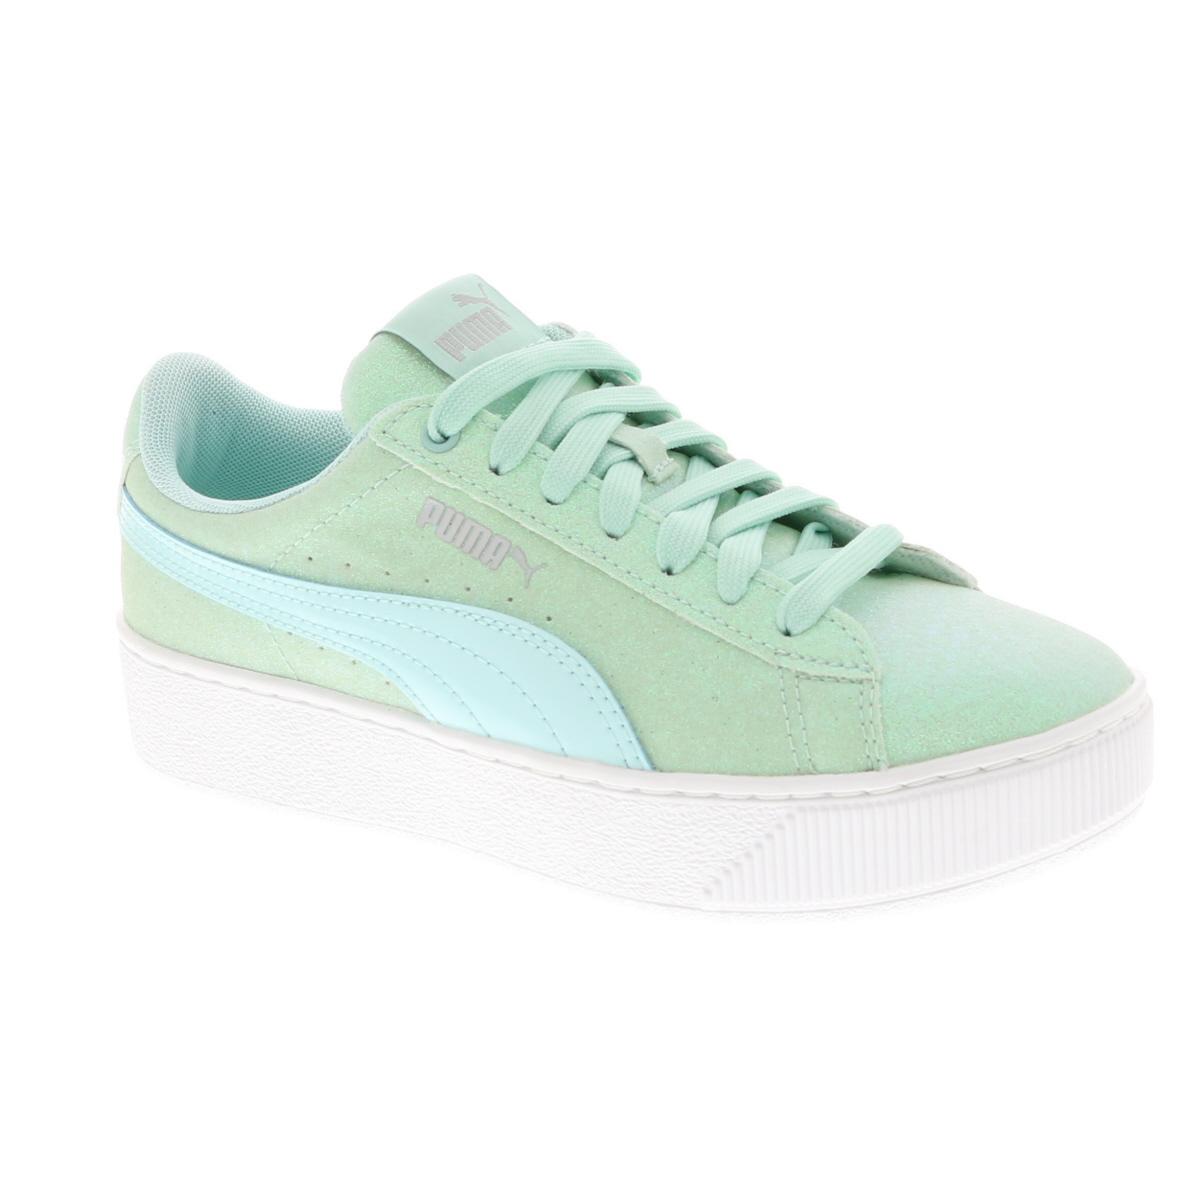 6f7a2813bbd Puma sneakers bestel je online bij